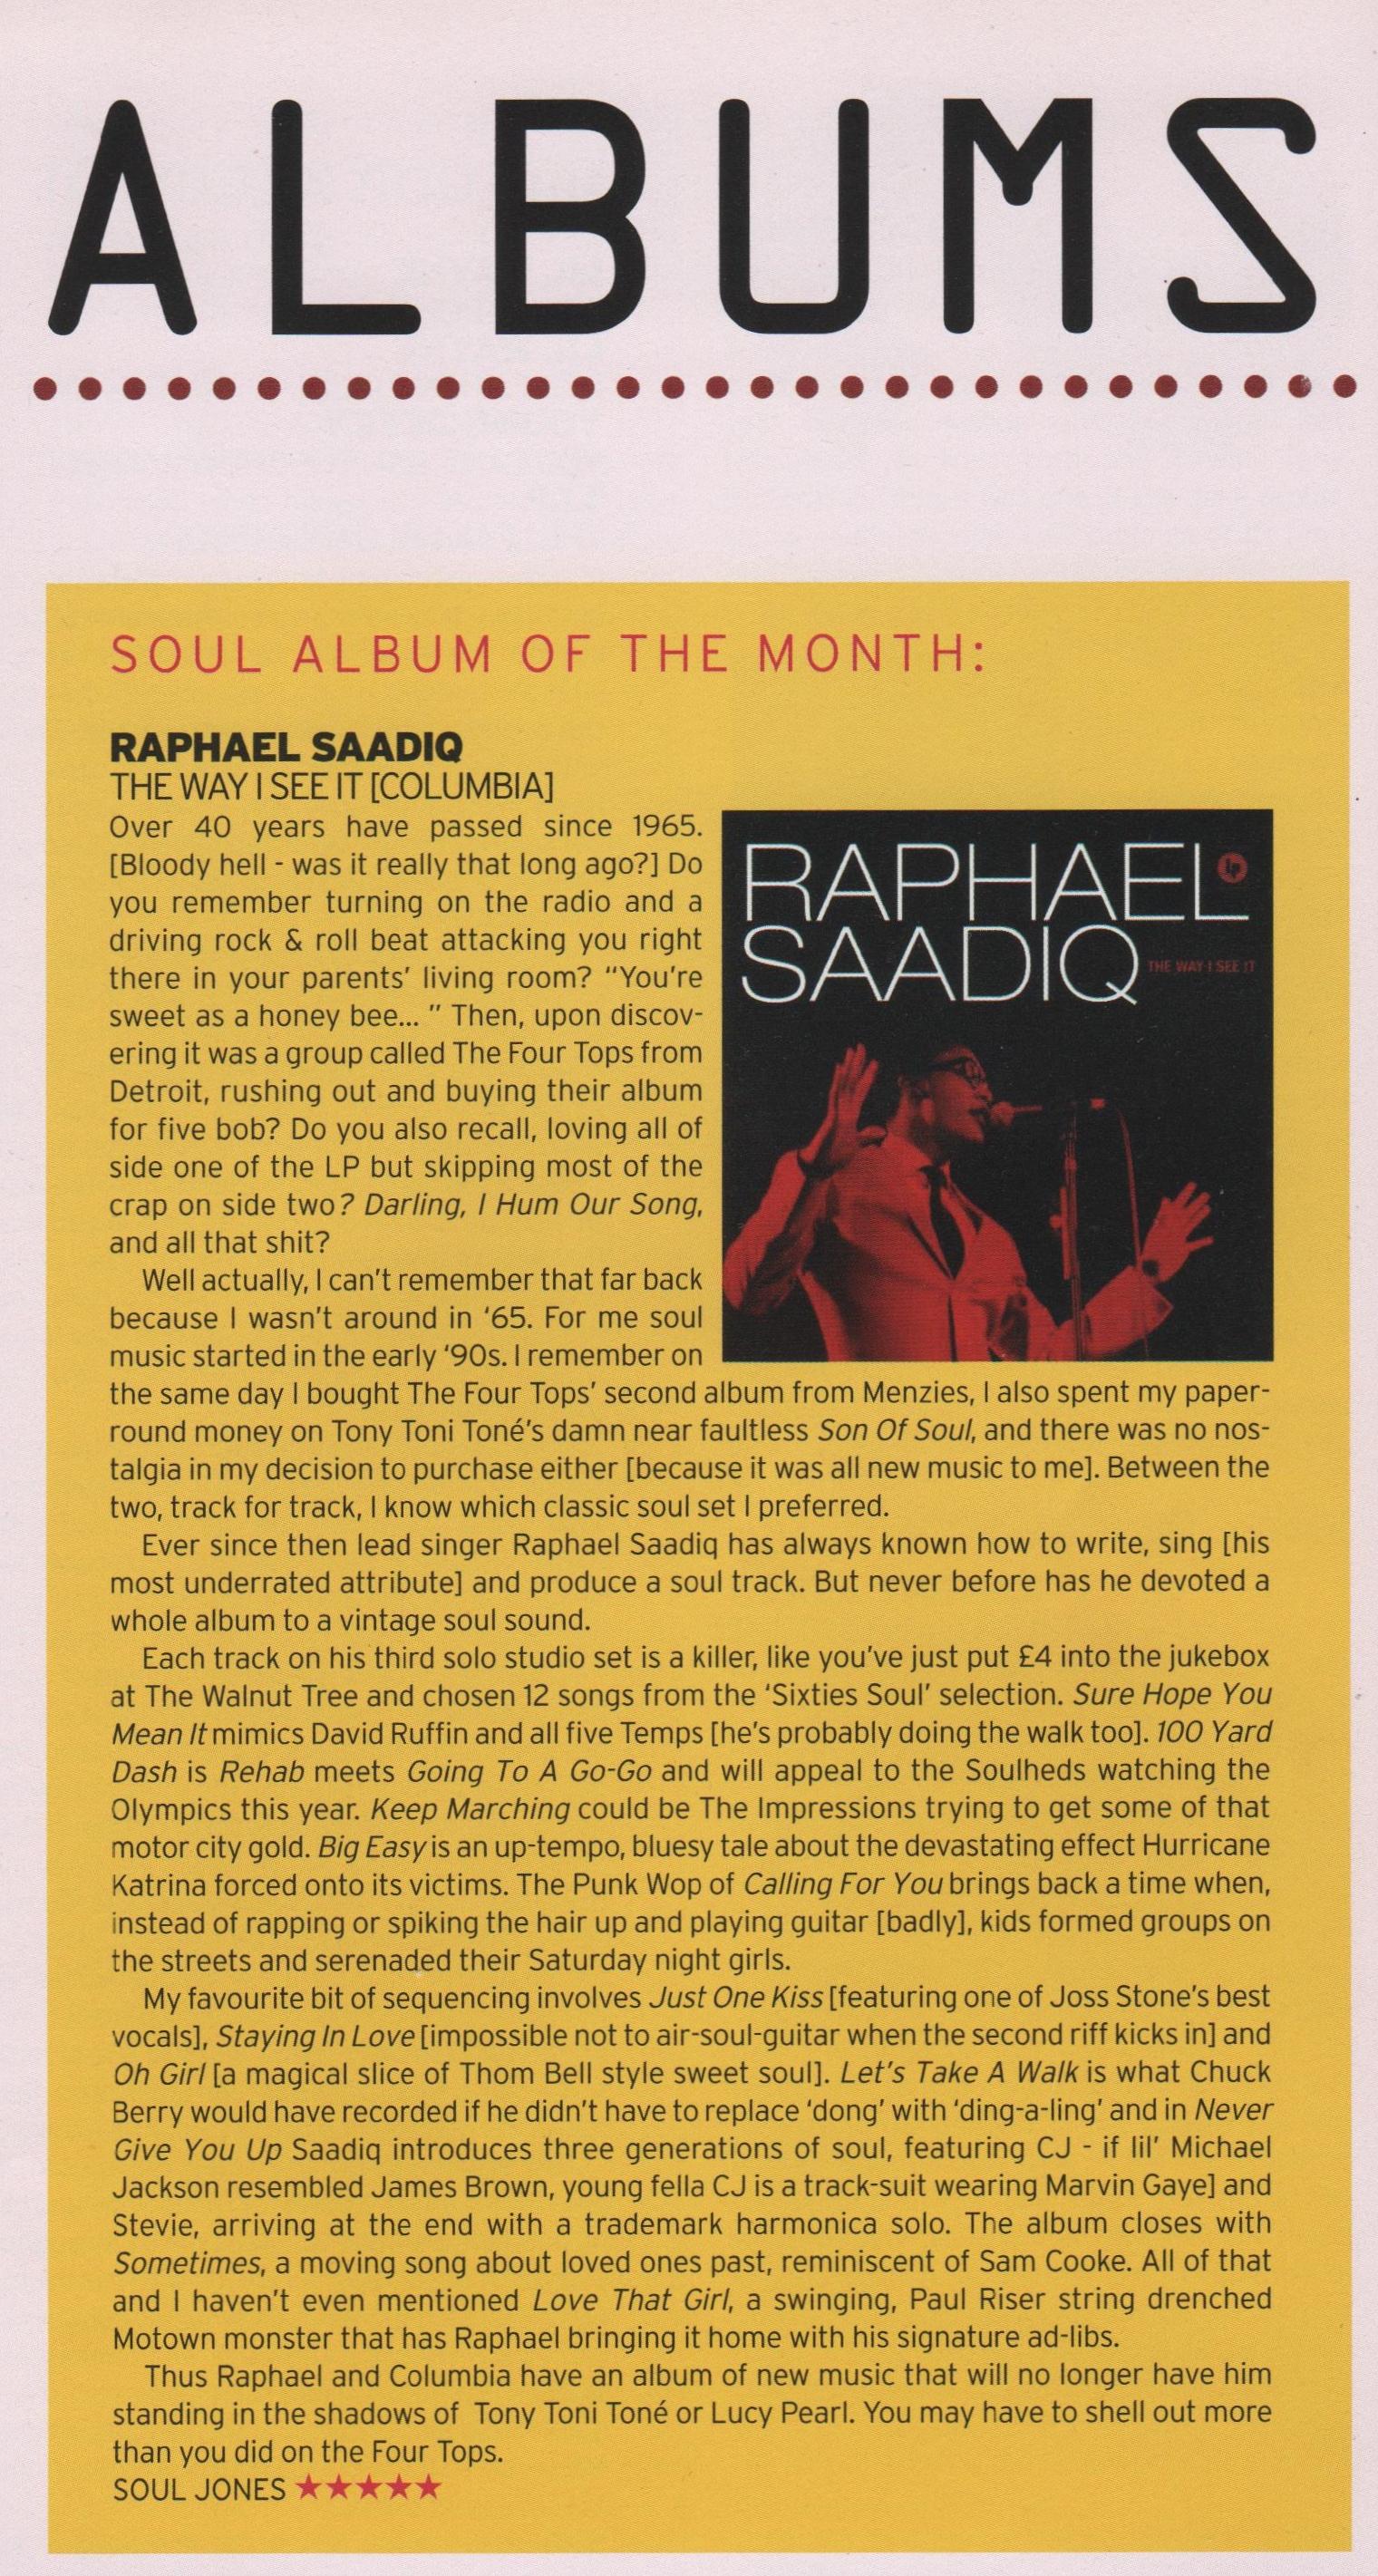 Echoes Magazine Sept 2008